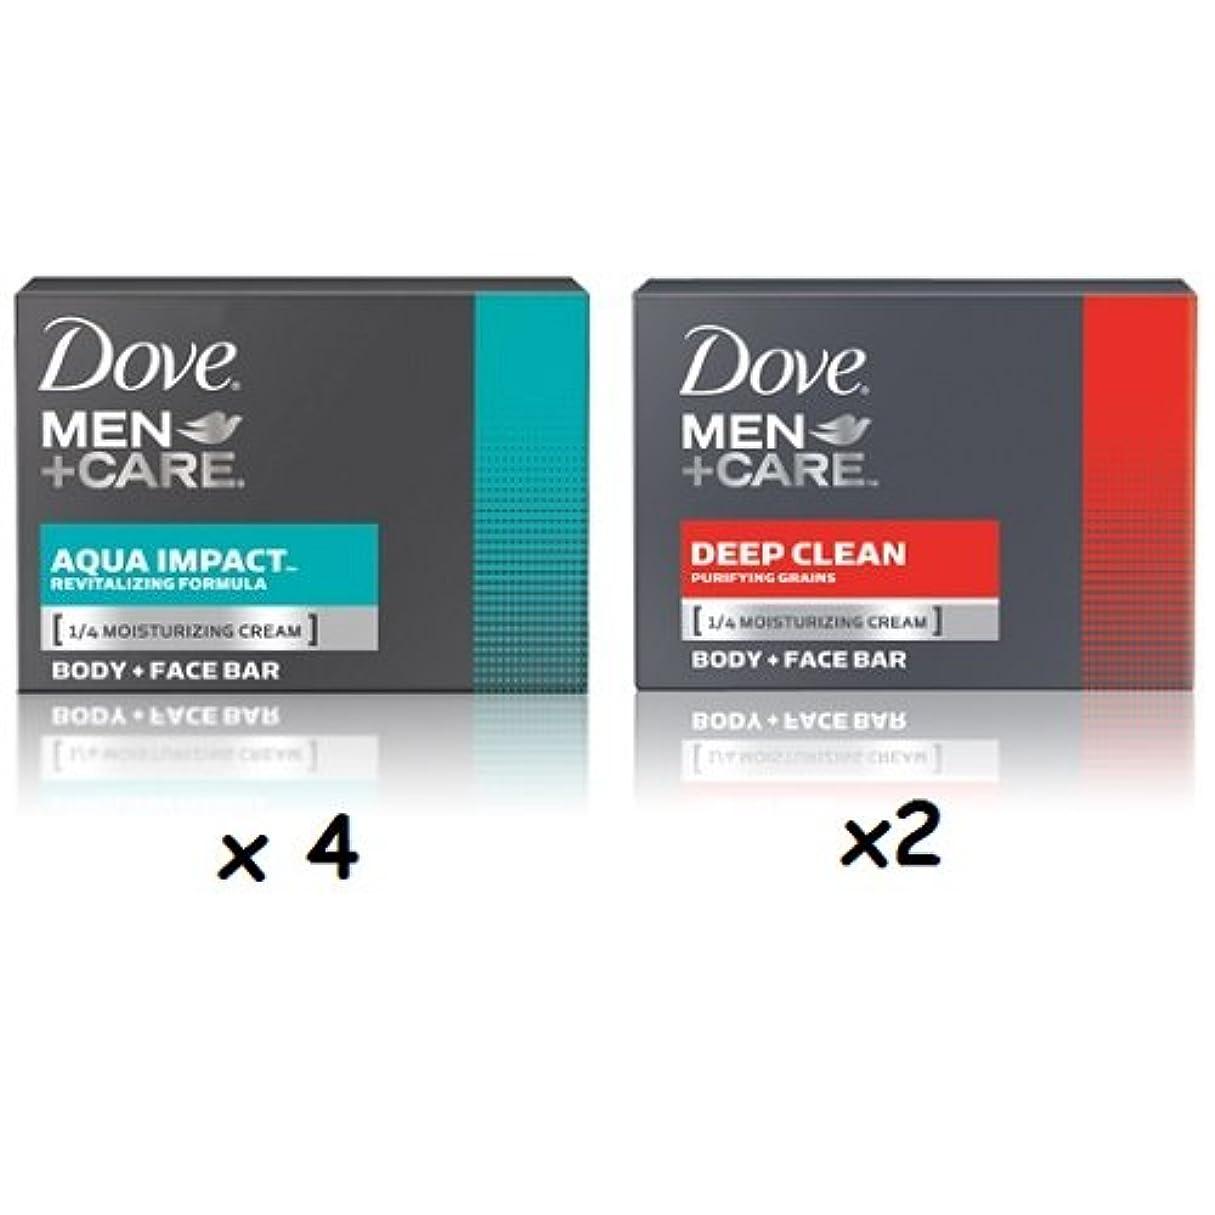 【6個セット】Dove MEN+CARE Body&Face Bar Soap (4ozx6) ダヴ メンズプラスケア 体&顔用の固形石鹸(113gx6)(Deep Clean 4個とAqua Impact2個 合計6個...